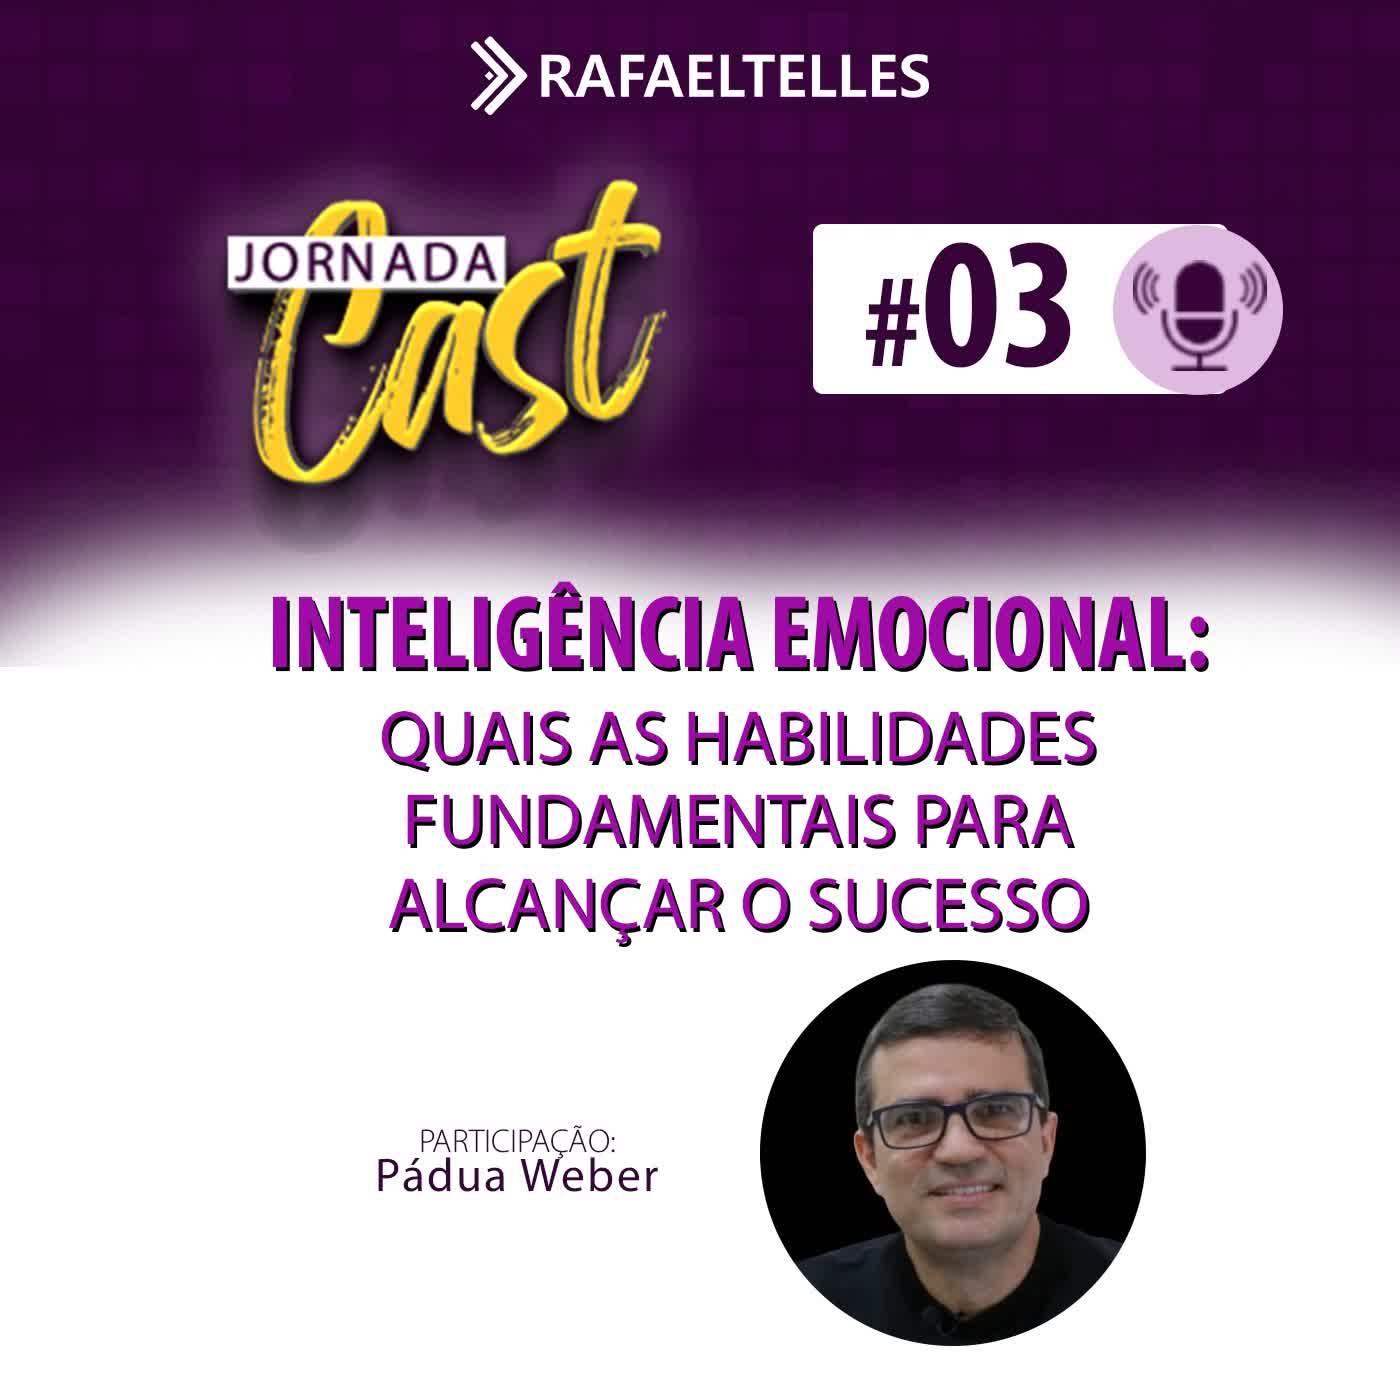 #3 - Inteligência Emocional: Quais as habilidades fundamentais para alcançar o Sucesso